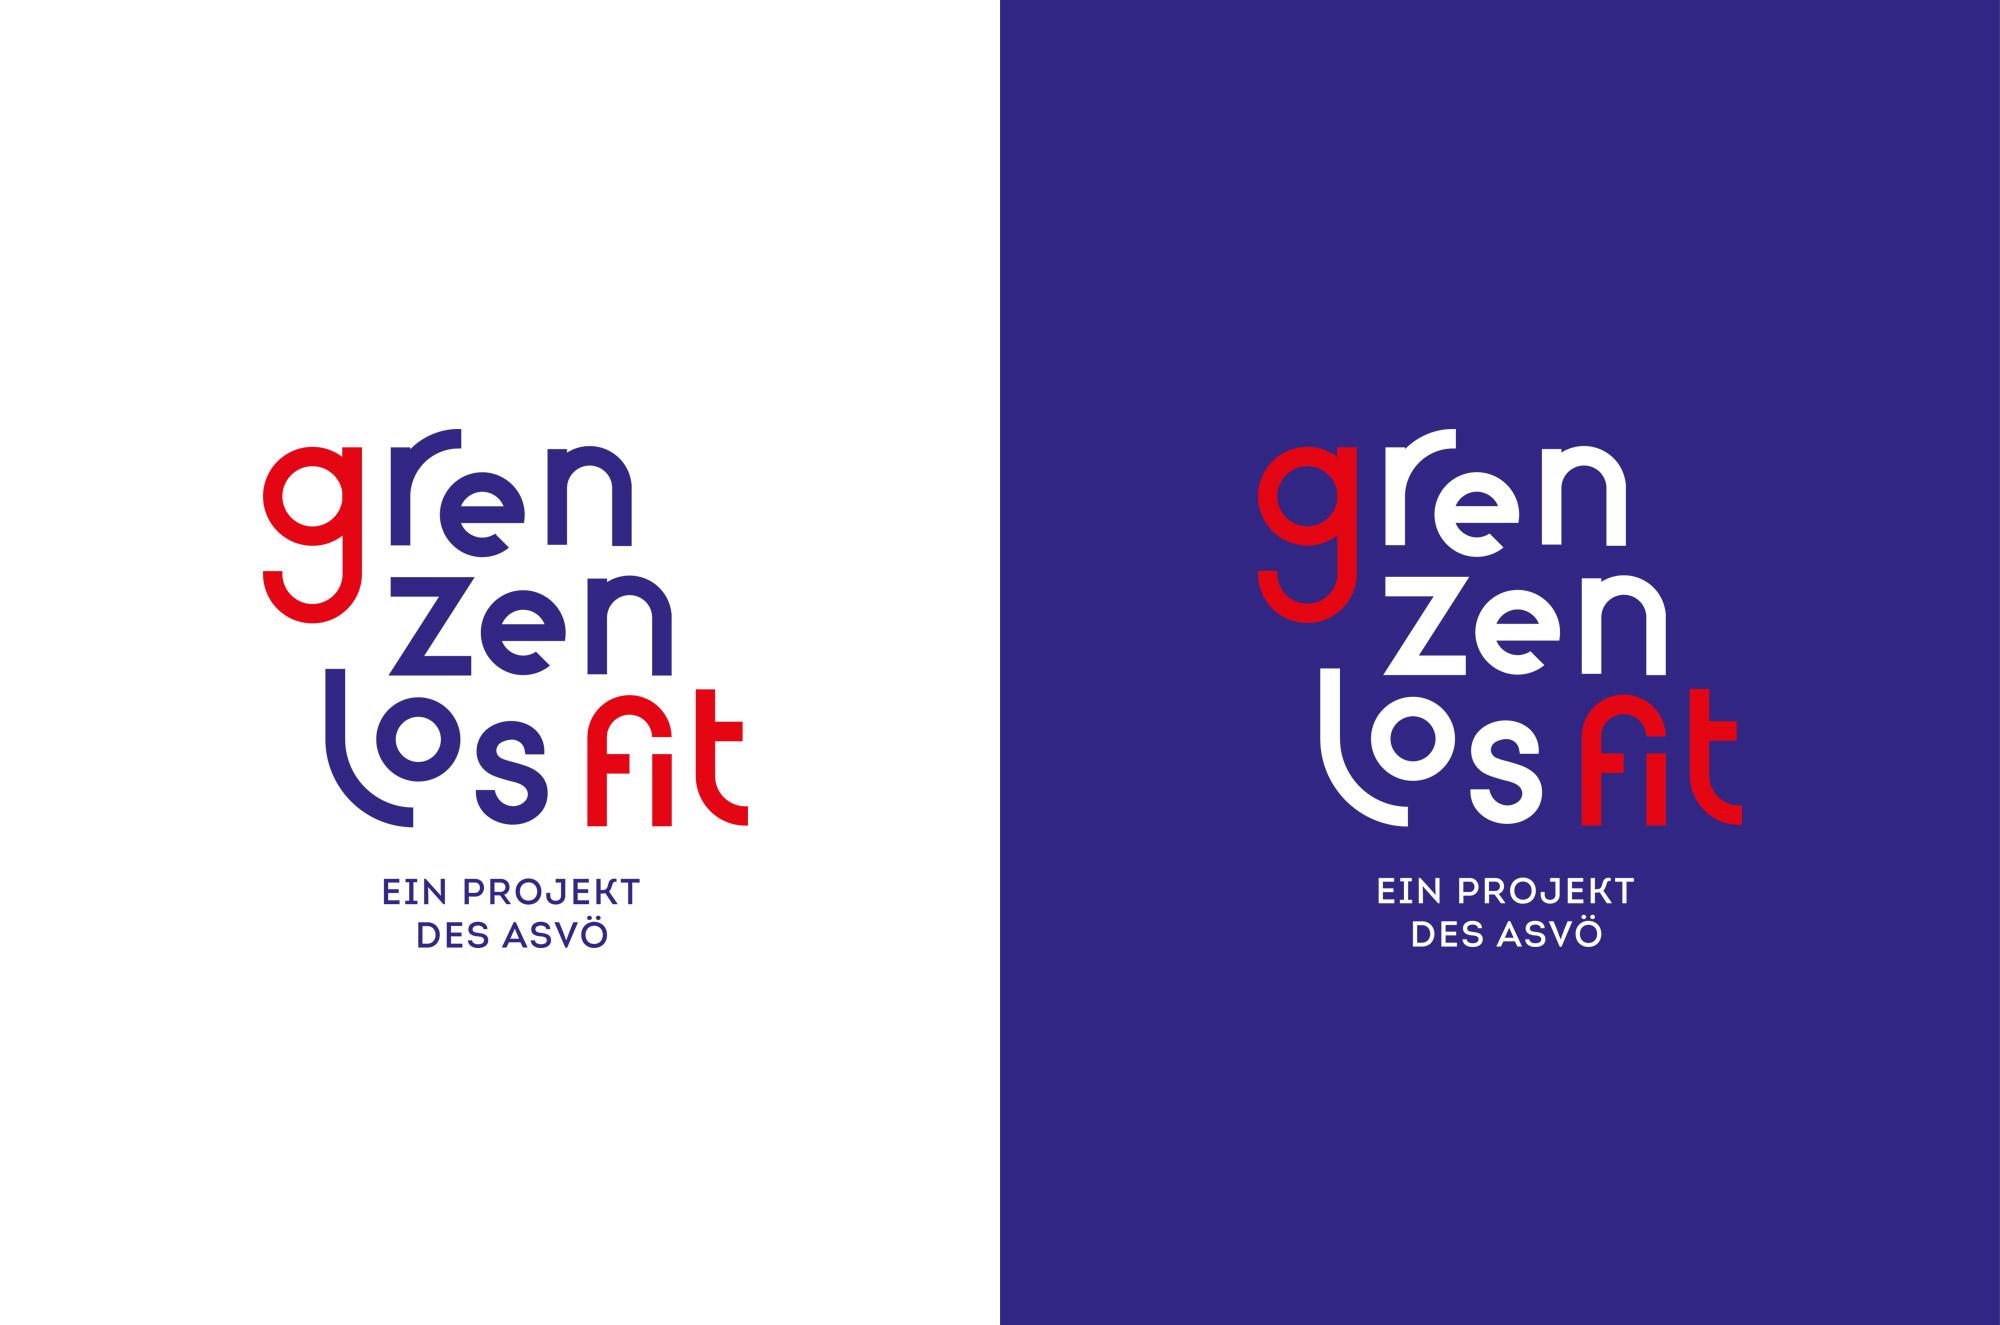 02_logo_inversed